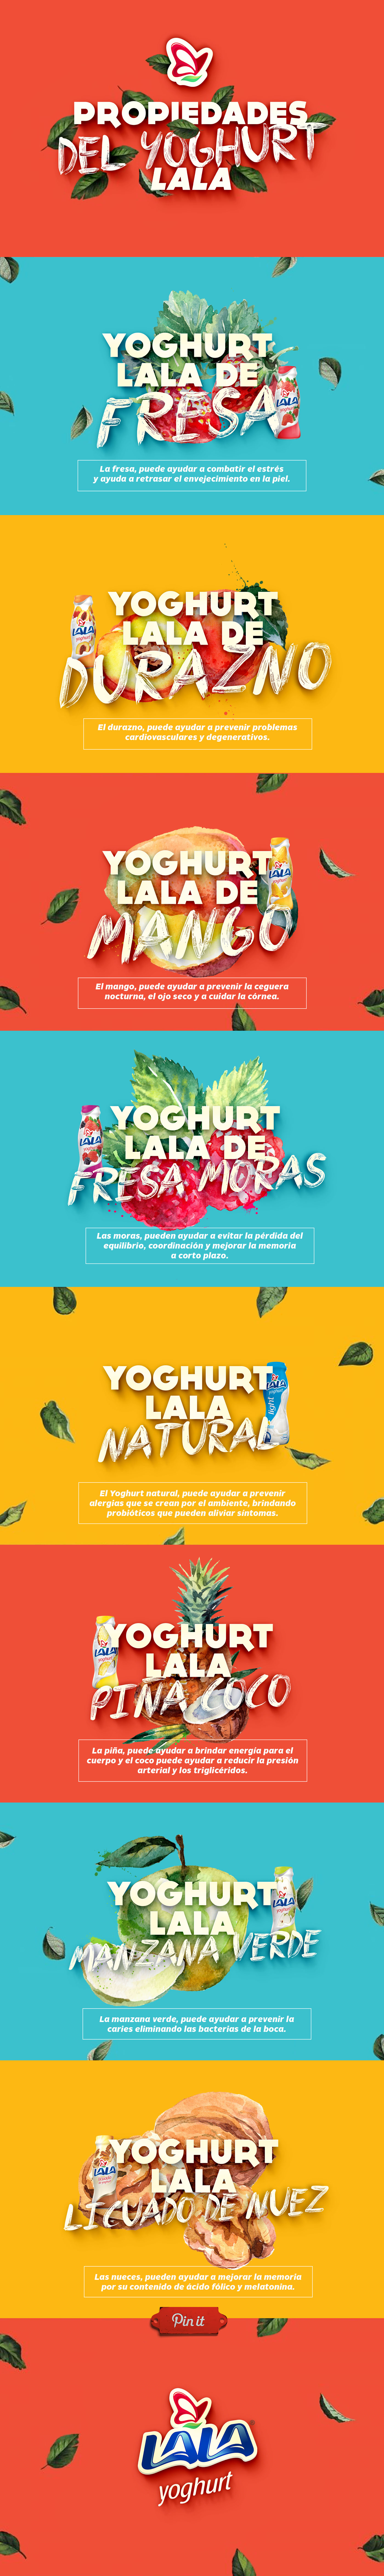 Conoce las #propiedades del #Yoghurt #LALA y sus beneficios. ¿Cuál prefieres para tu día?